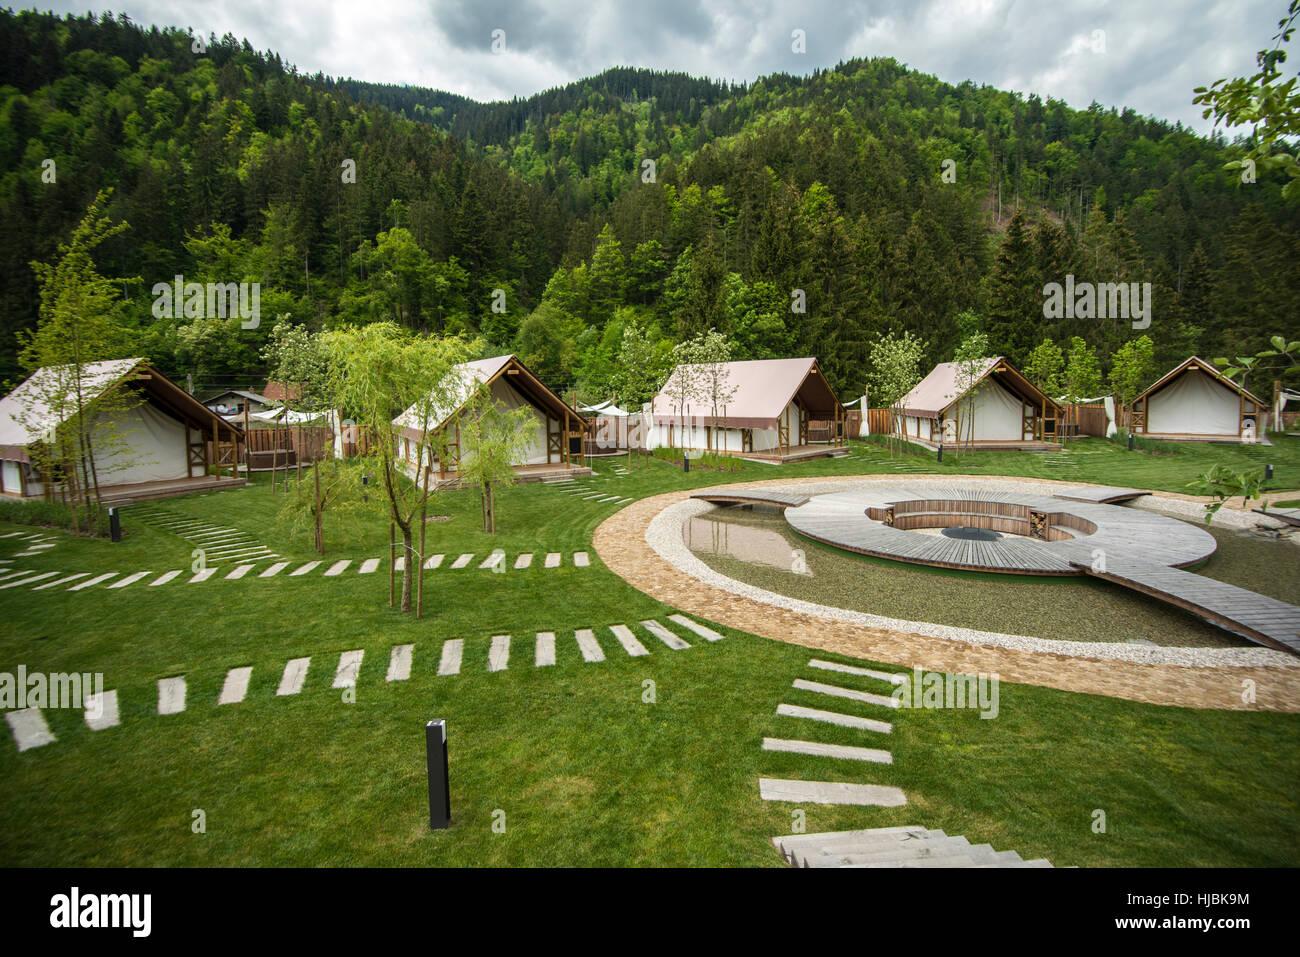 glamping resort - Stock Image